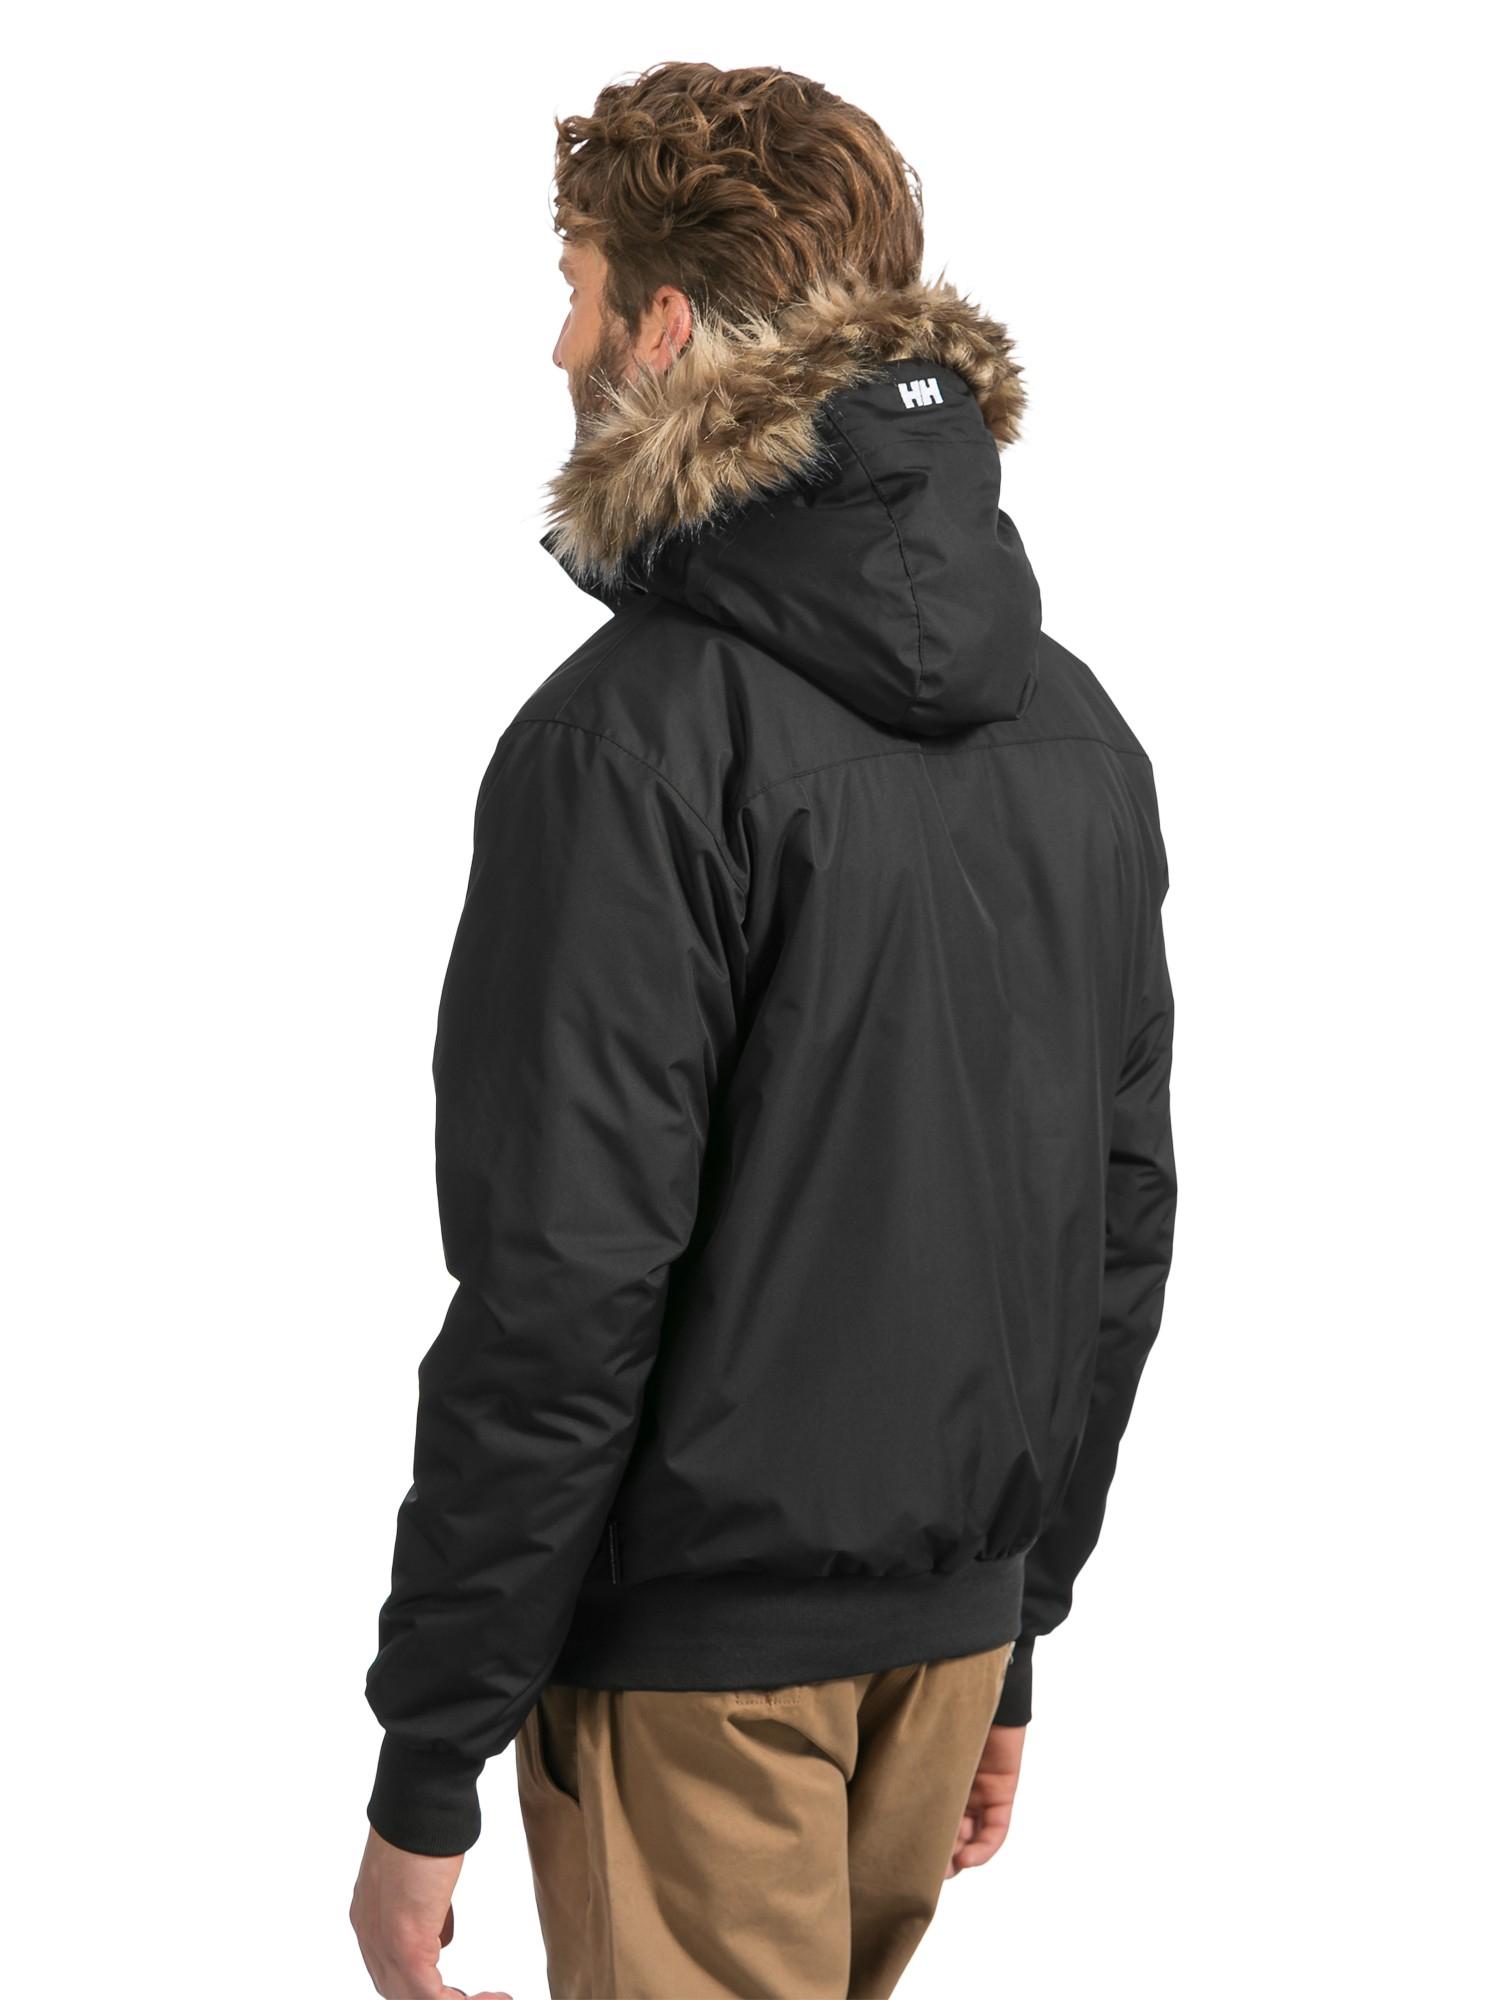 modischer Stil Sonderrabatt von Einzelhandelspreise Dubliner Bomber Jacket